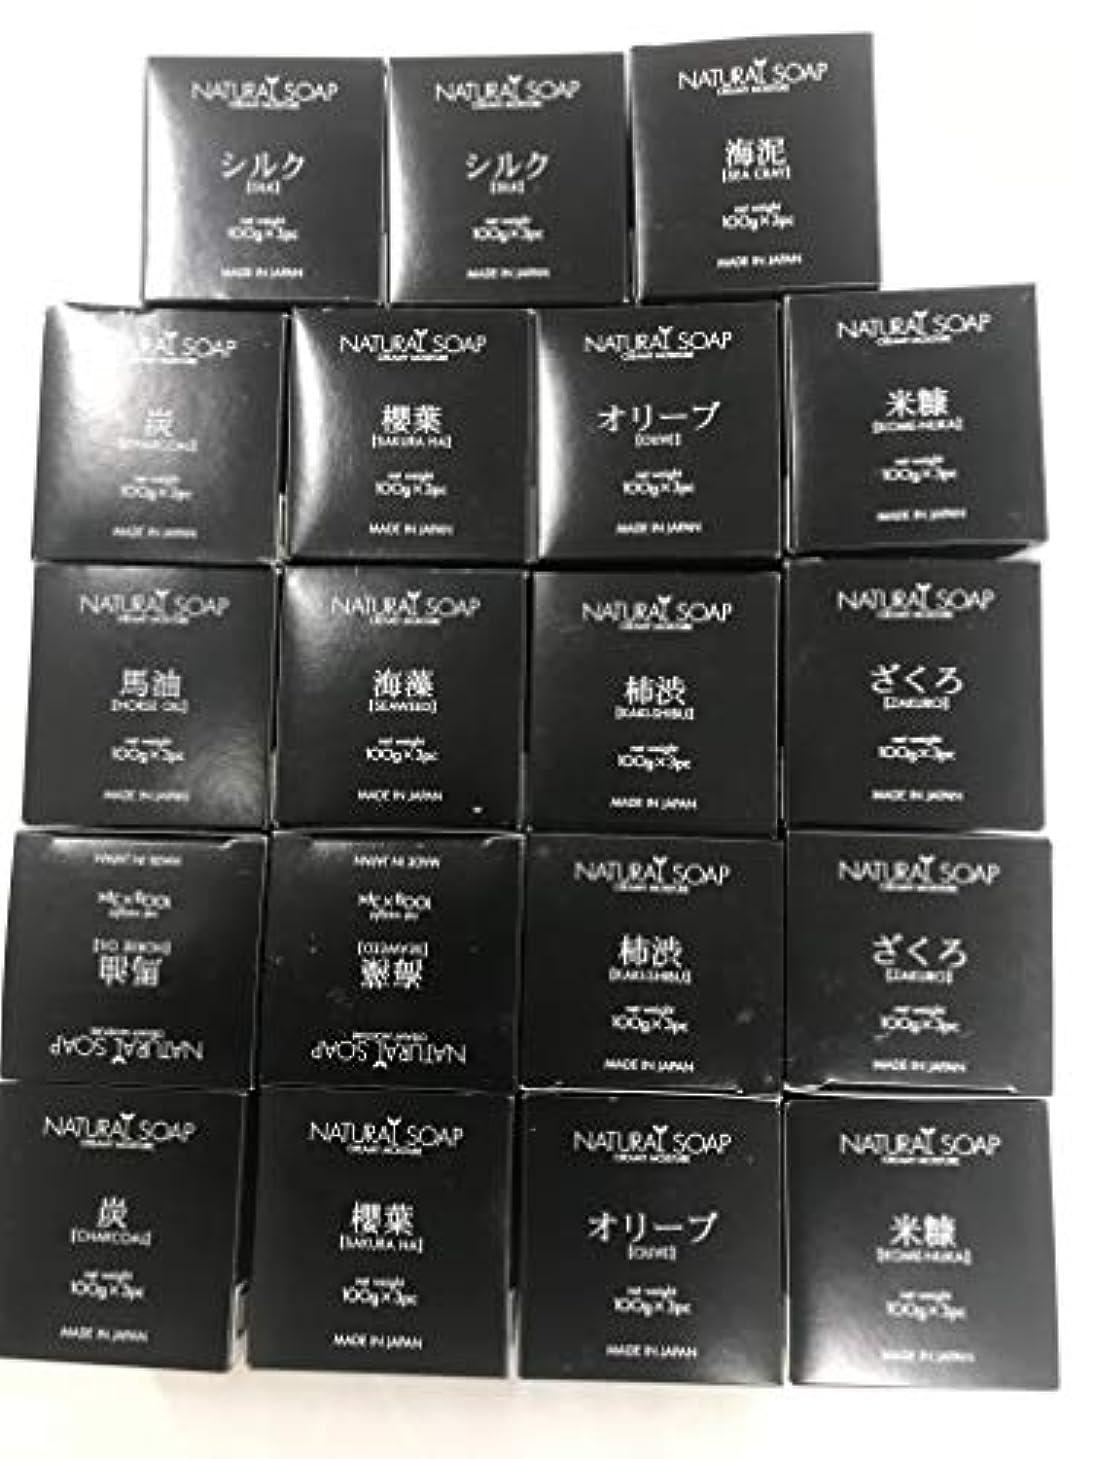 追い付くかまど牧師高級美容石鹸 NATURAL SOAP 福袋